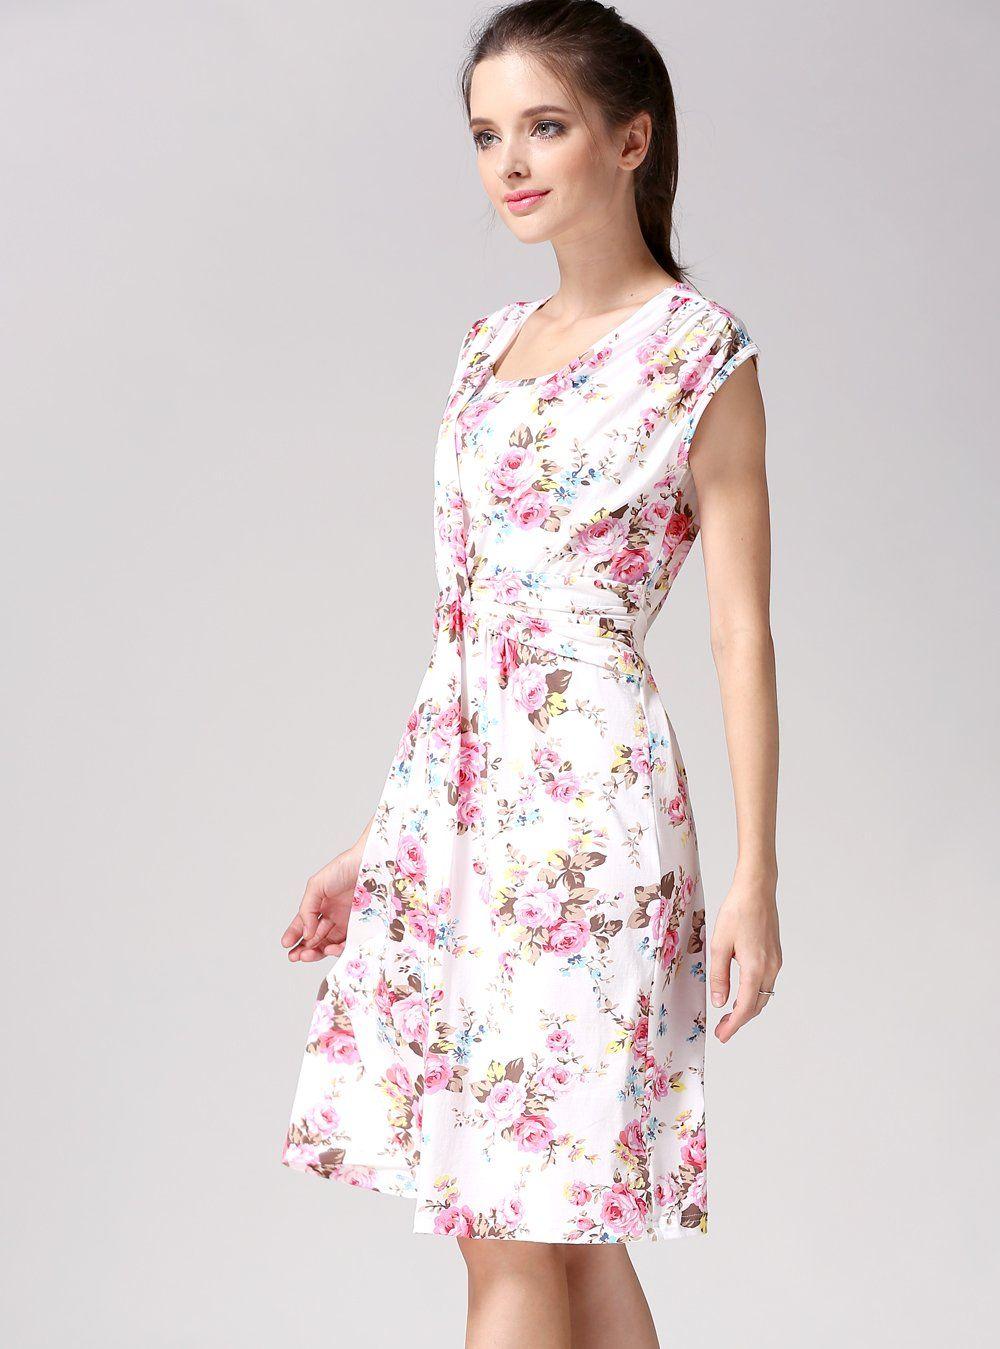 fce19ec417221 nursing tops - Emotion Moms Summer Flower Maternity Clothes ...